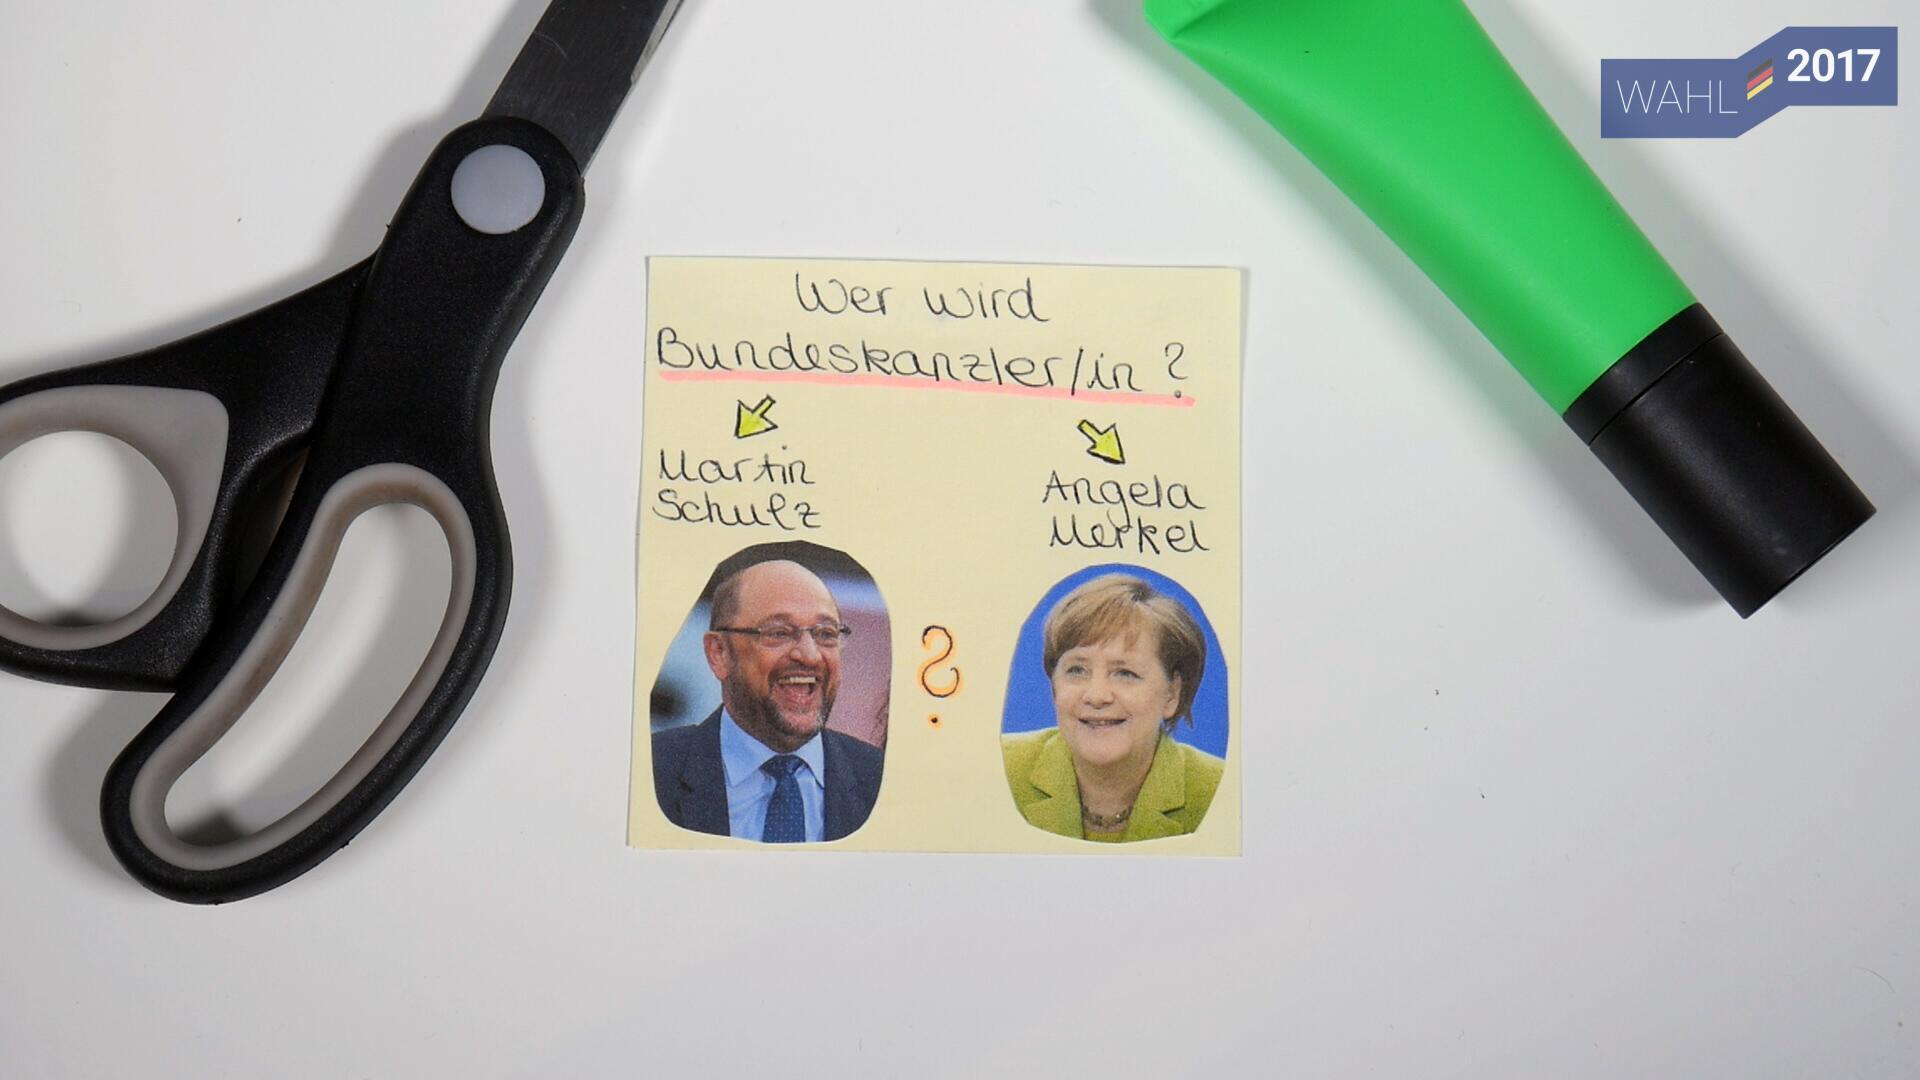 Bild zu Bundestagswahl, Angela Merkel, Martin schulz